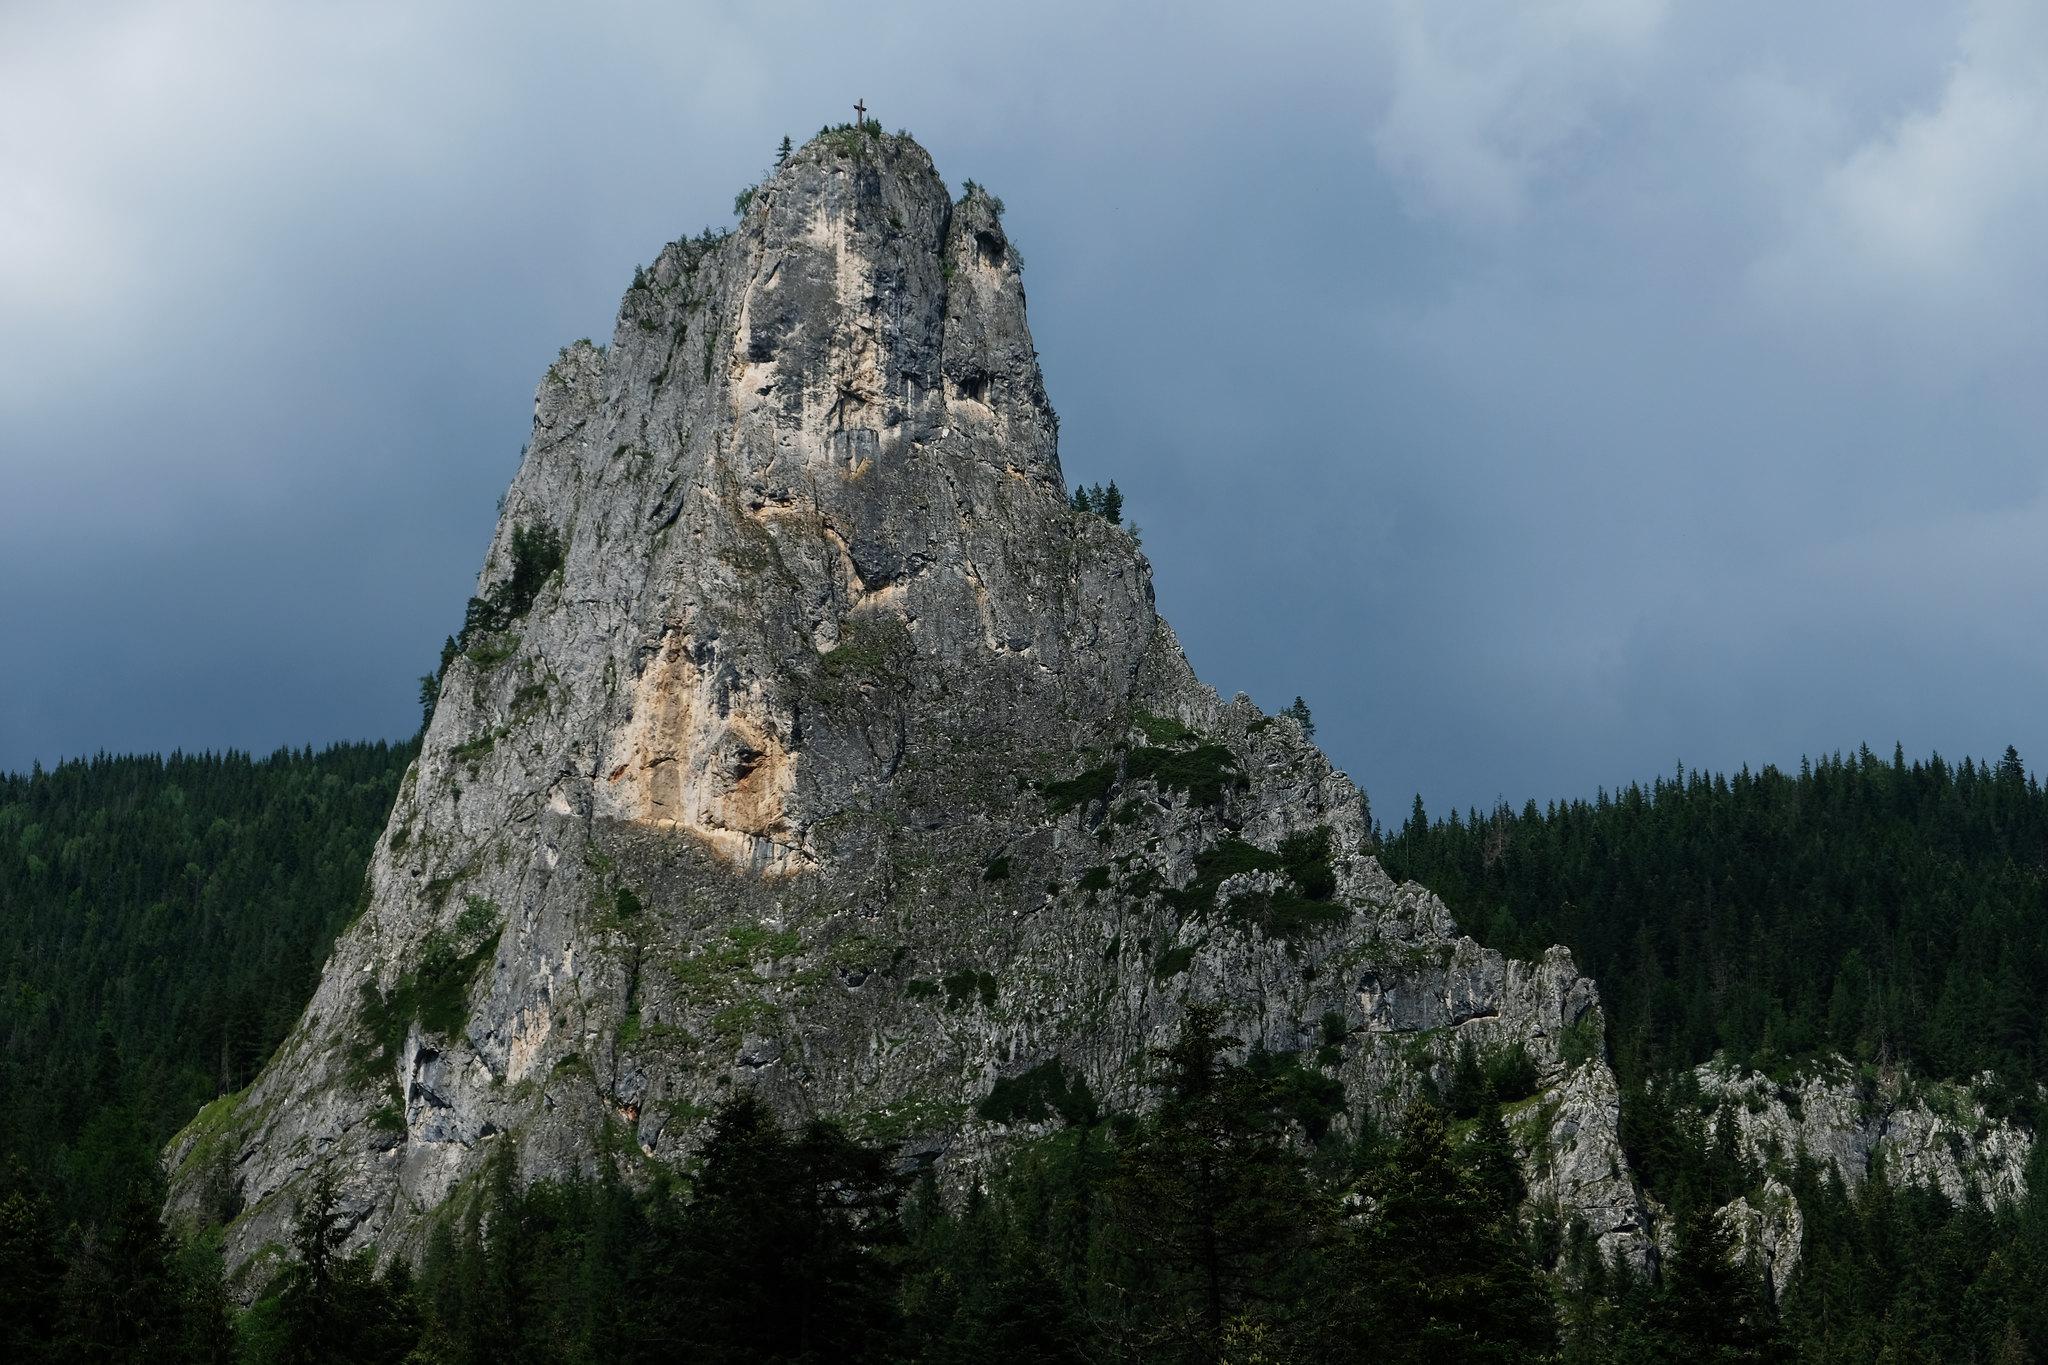 Cheile Bicazului-Hășmaș National Park, Romania